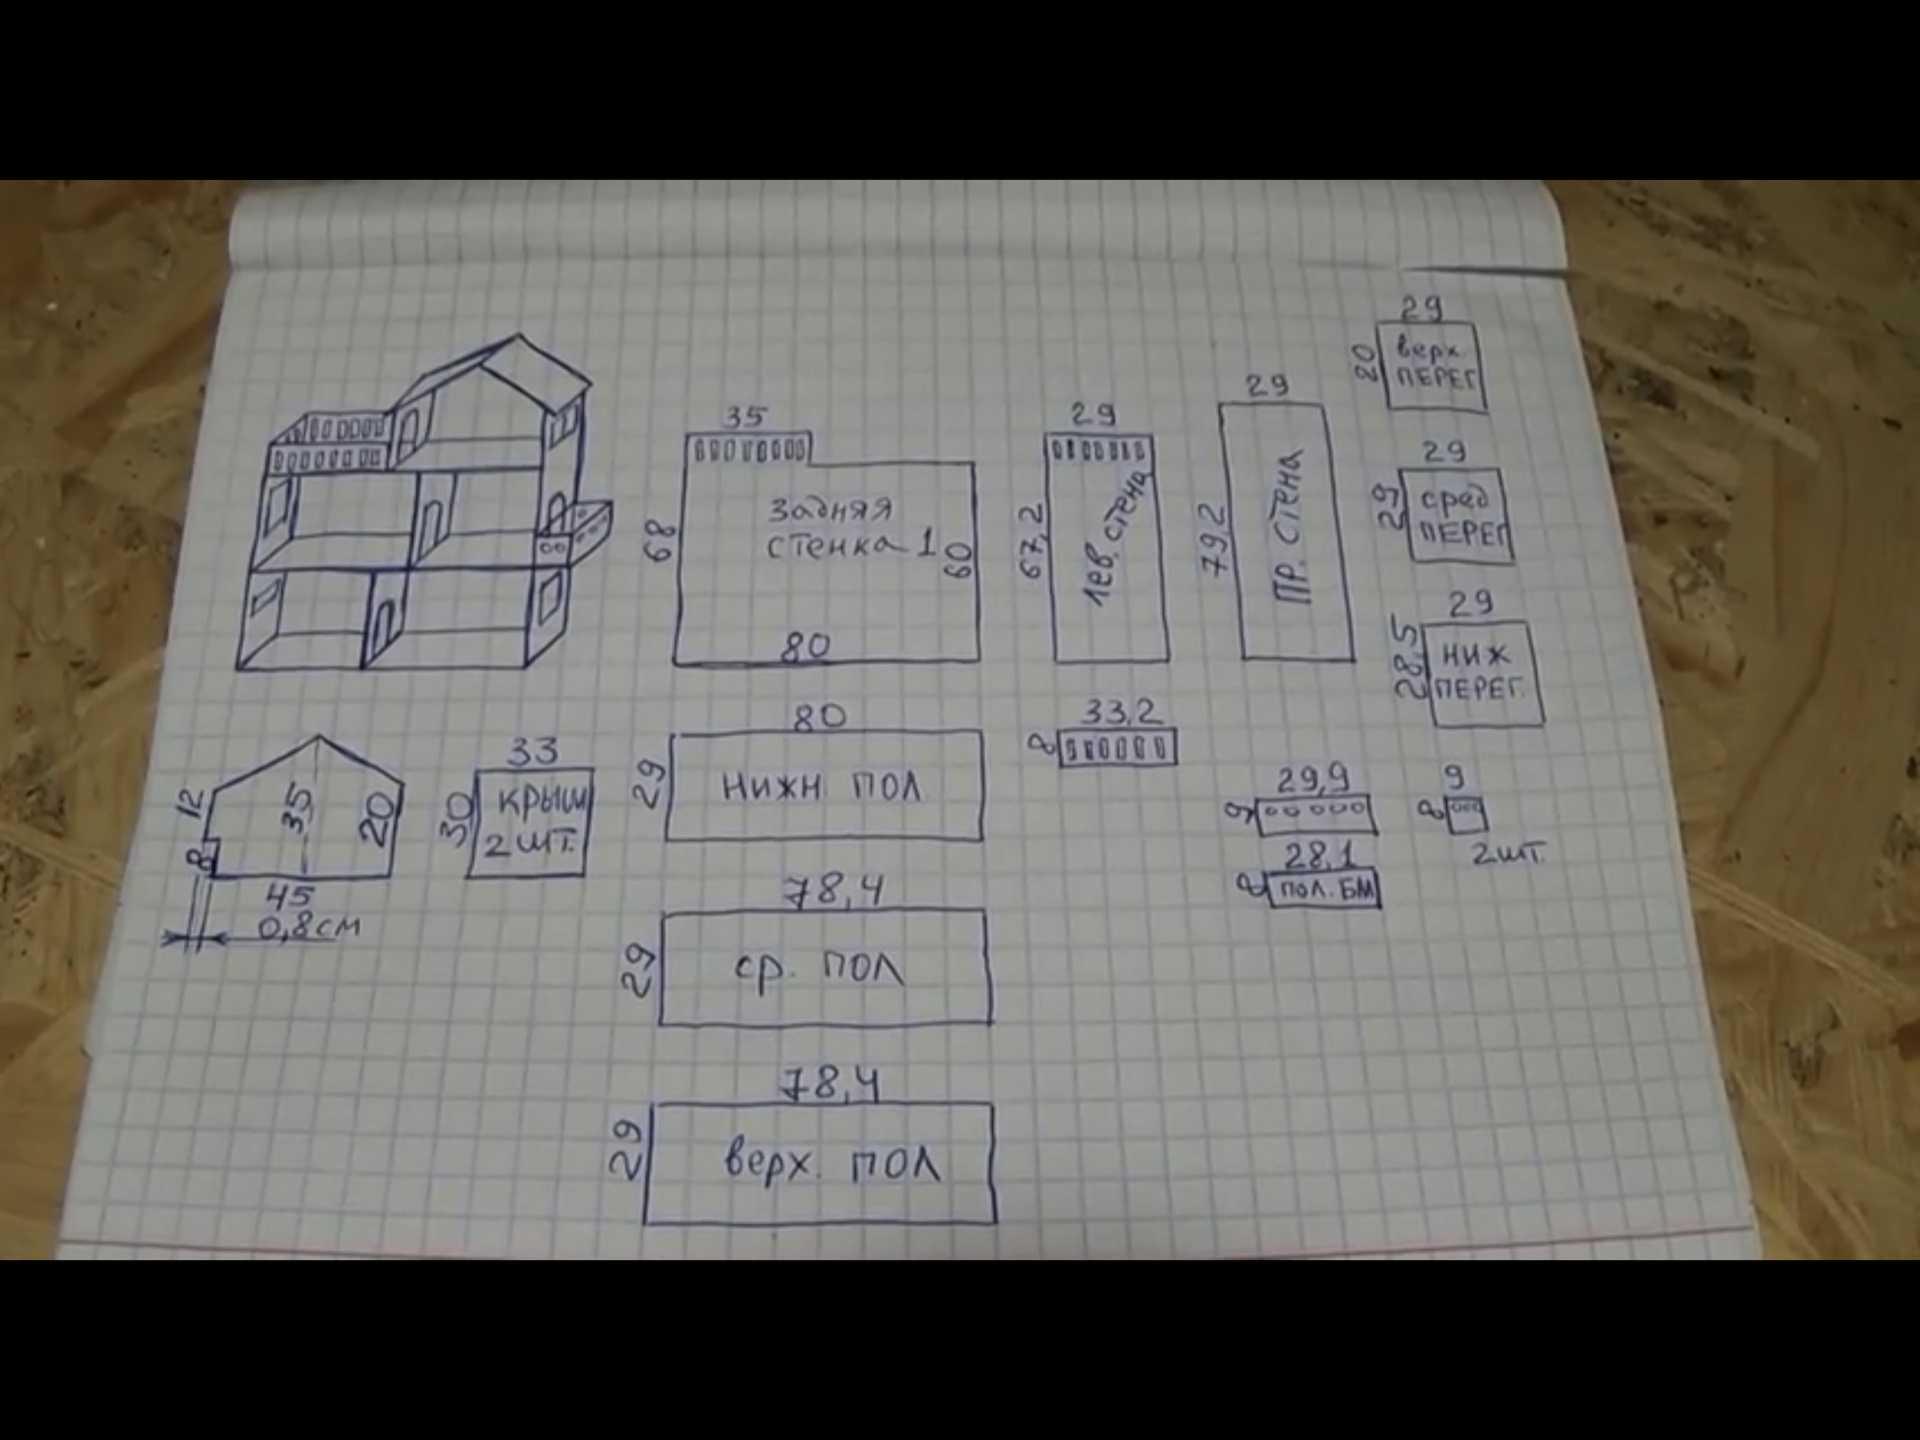 Деревянный кукольный домик: как меблировать, кого поселить? + отзывы | итс кидс